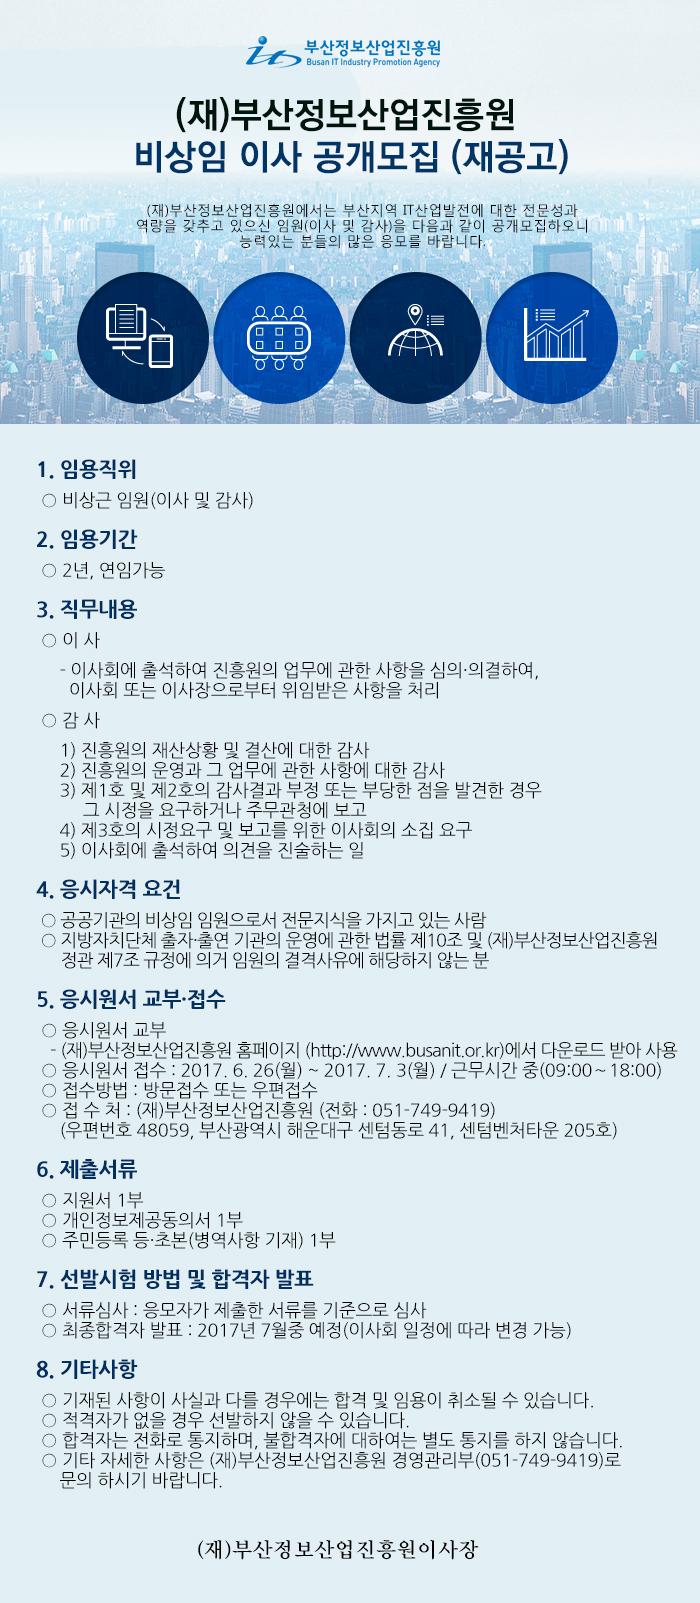 (재)부산정보산업진흥원 비상임 이사 공개모집 (재공고)